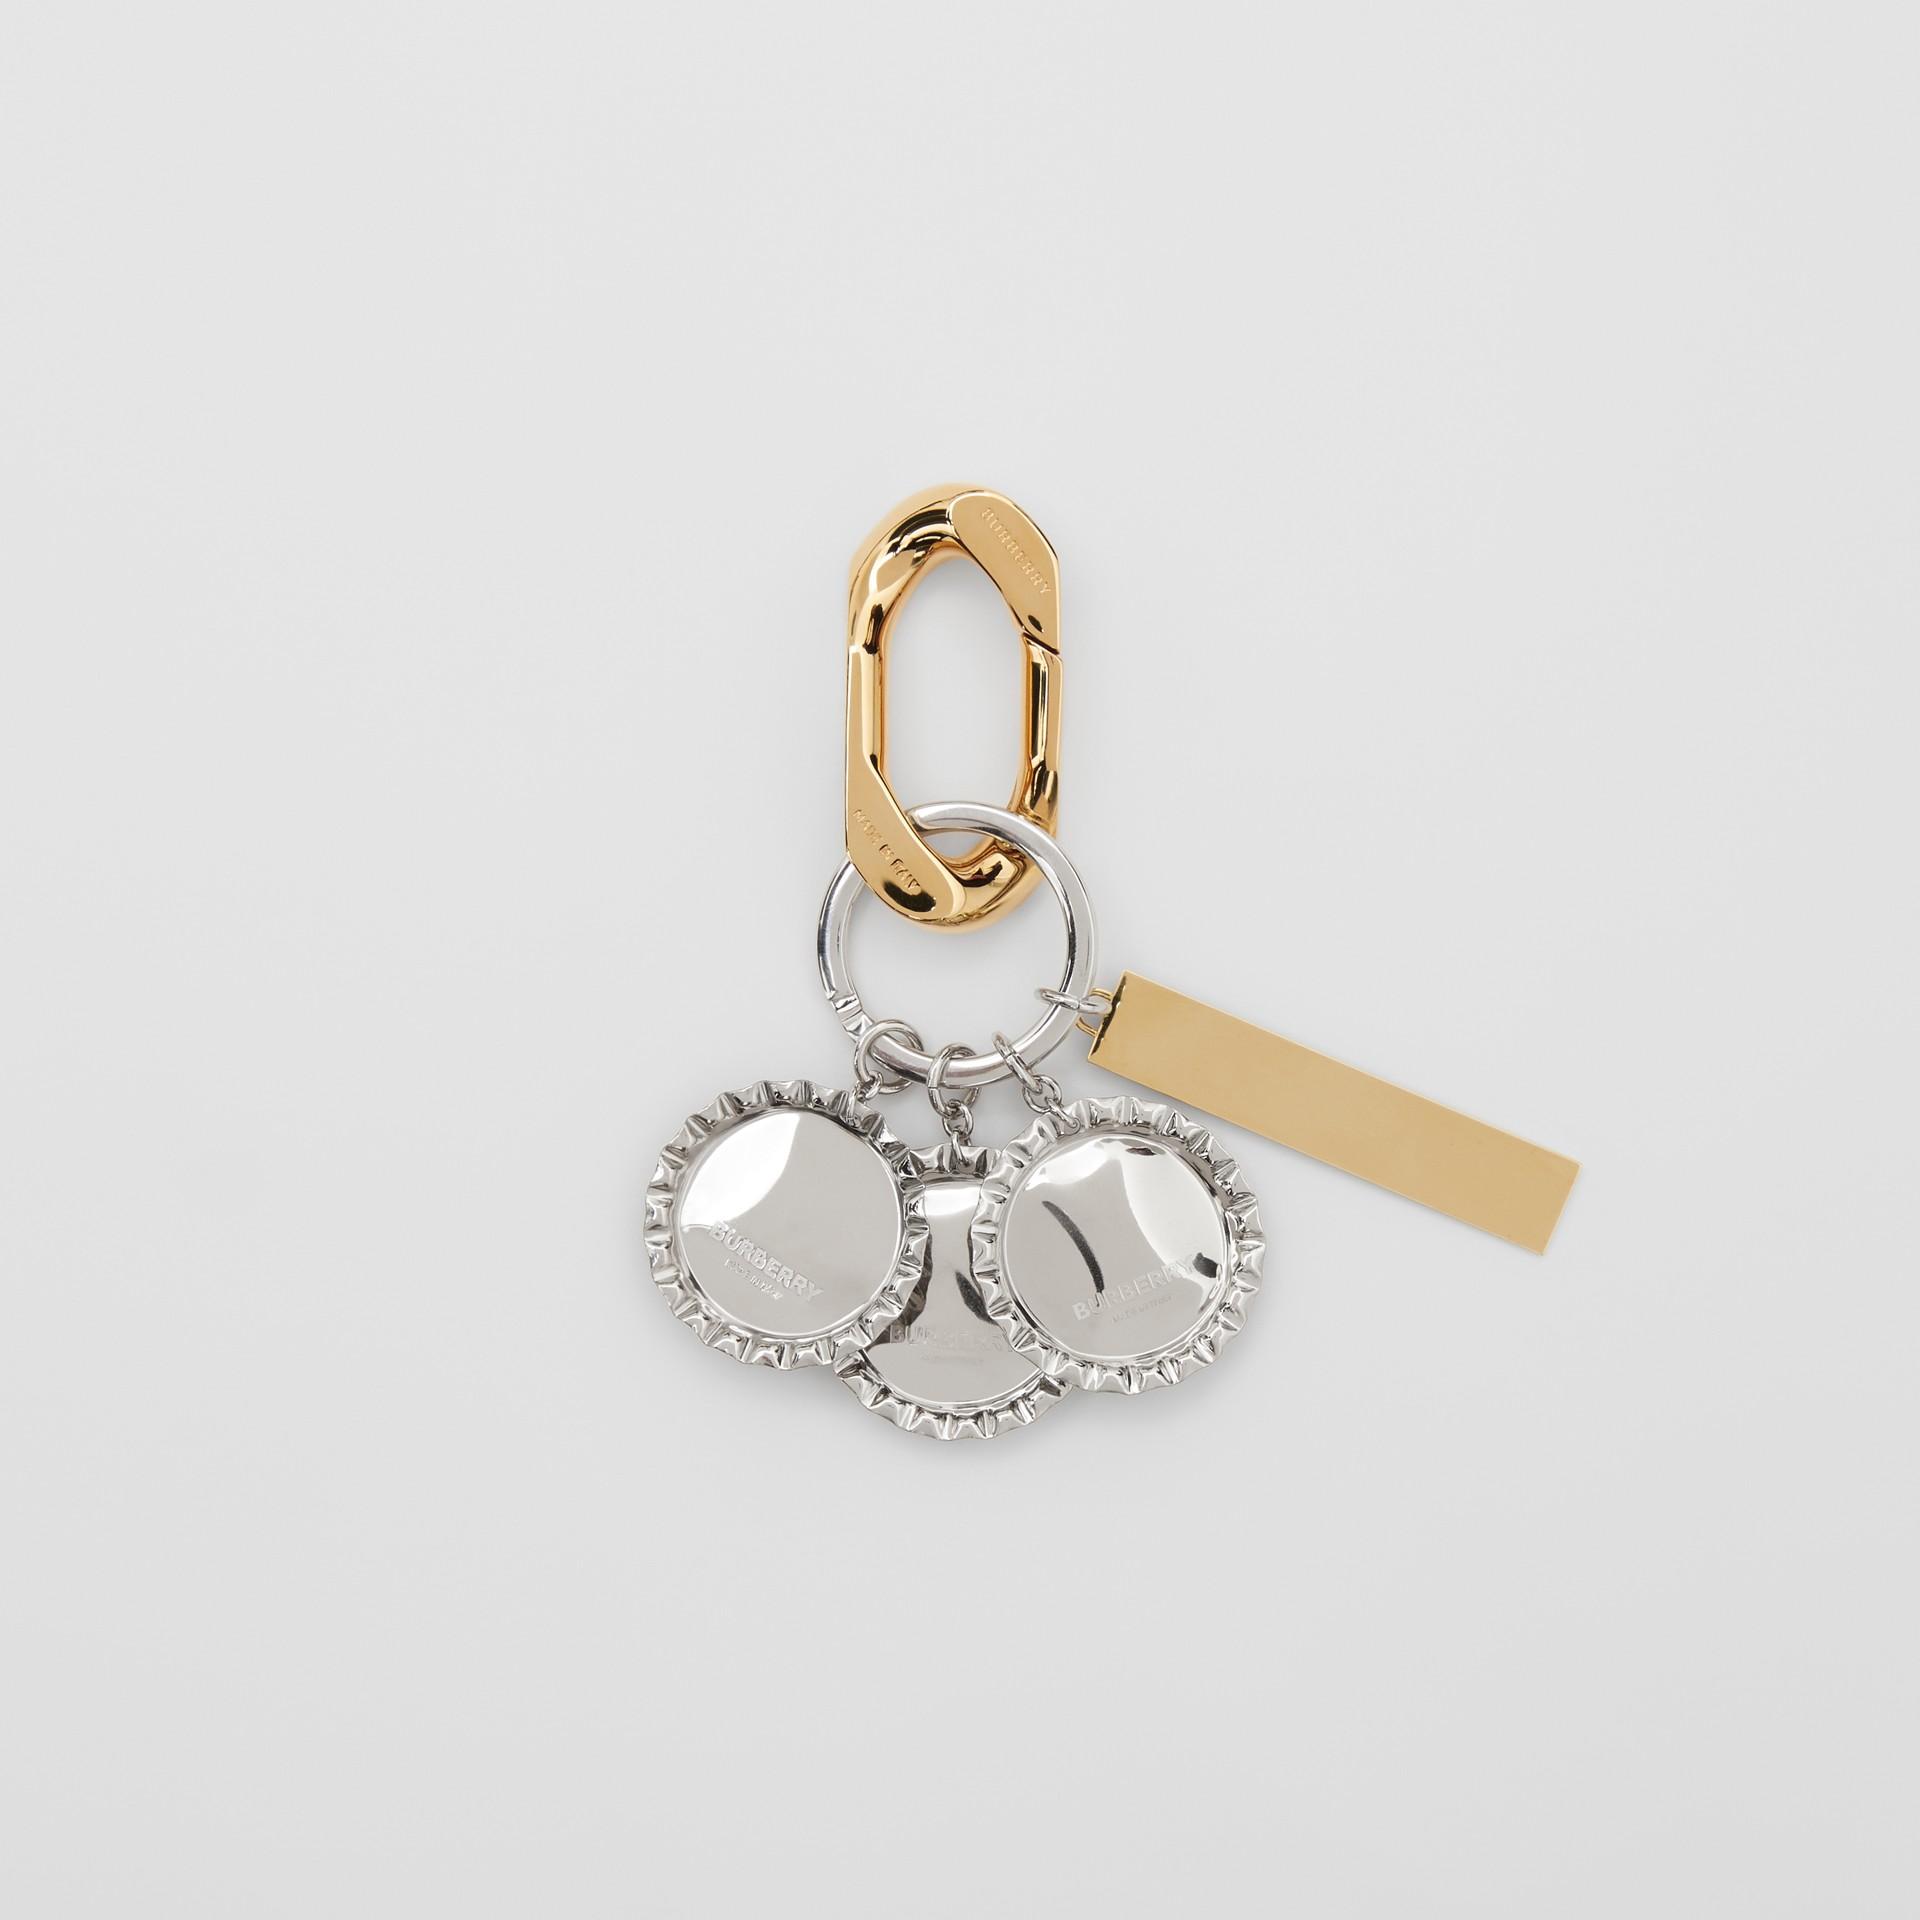 鍍金和鍍鈀金瓶蓋吊飾 (多色) - 女款 | Burberry - 圖庫照片 2